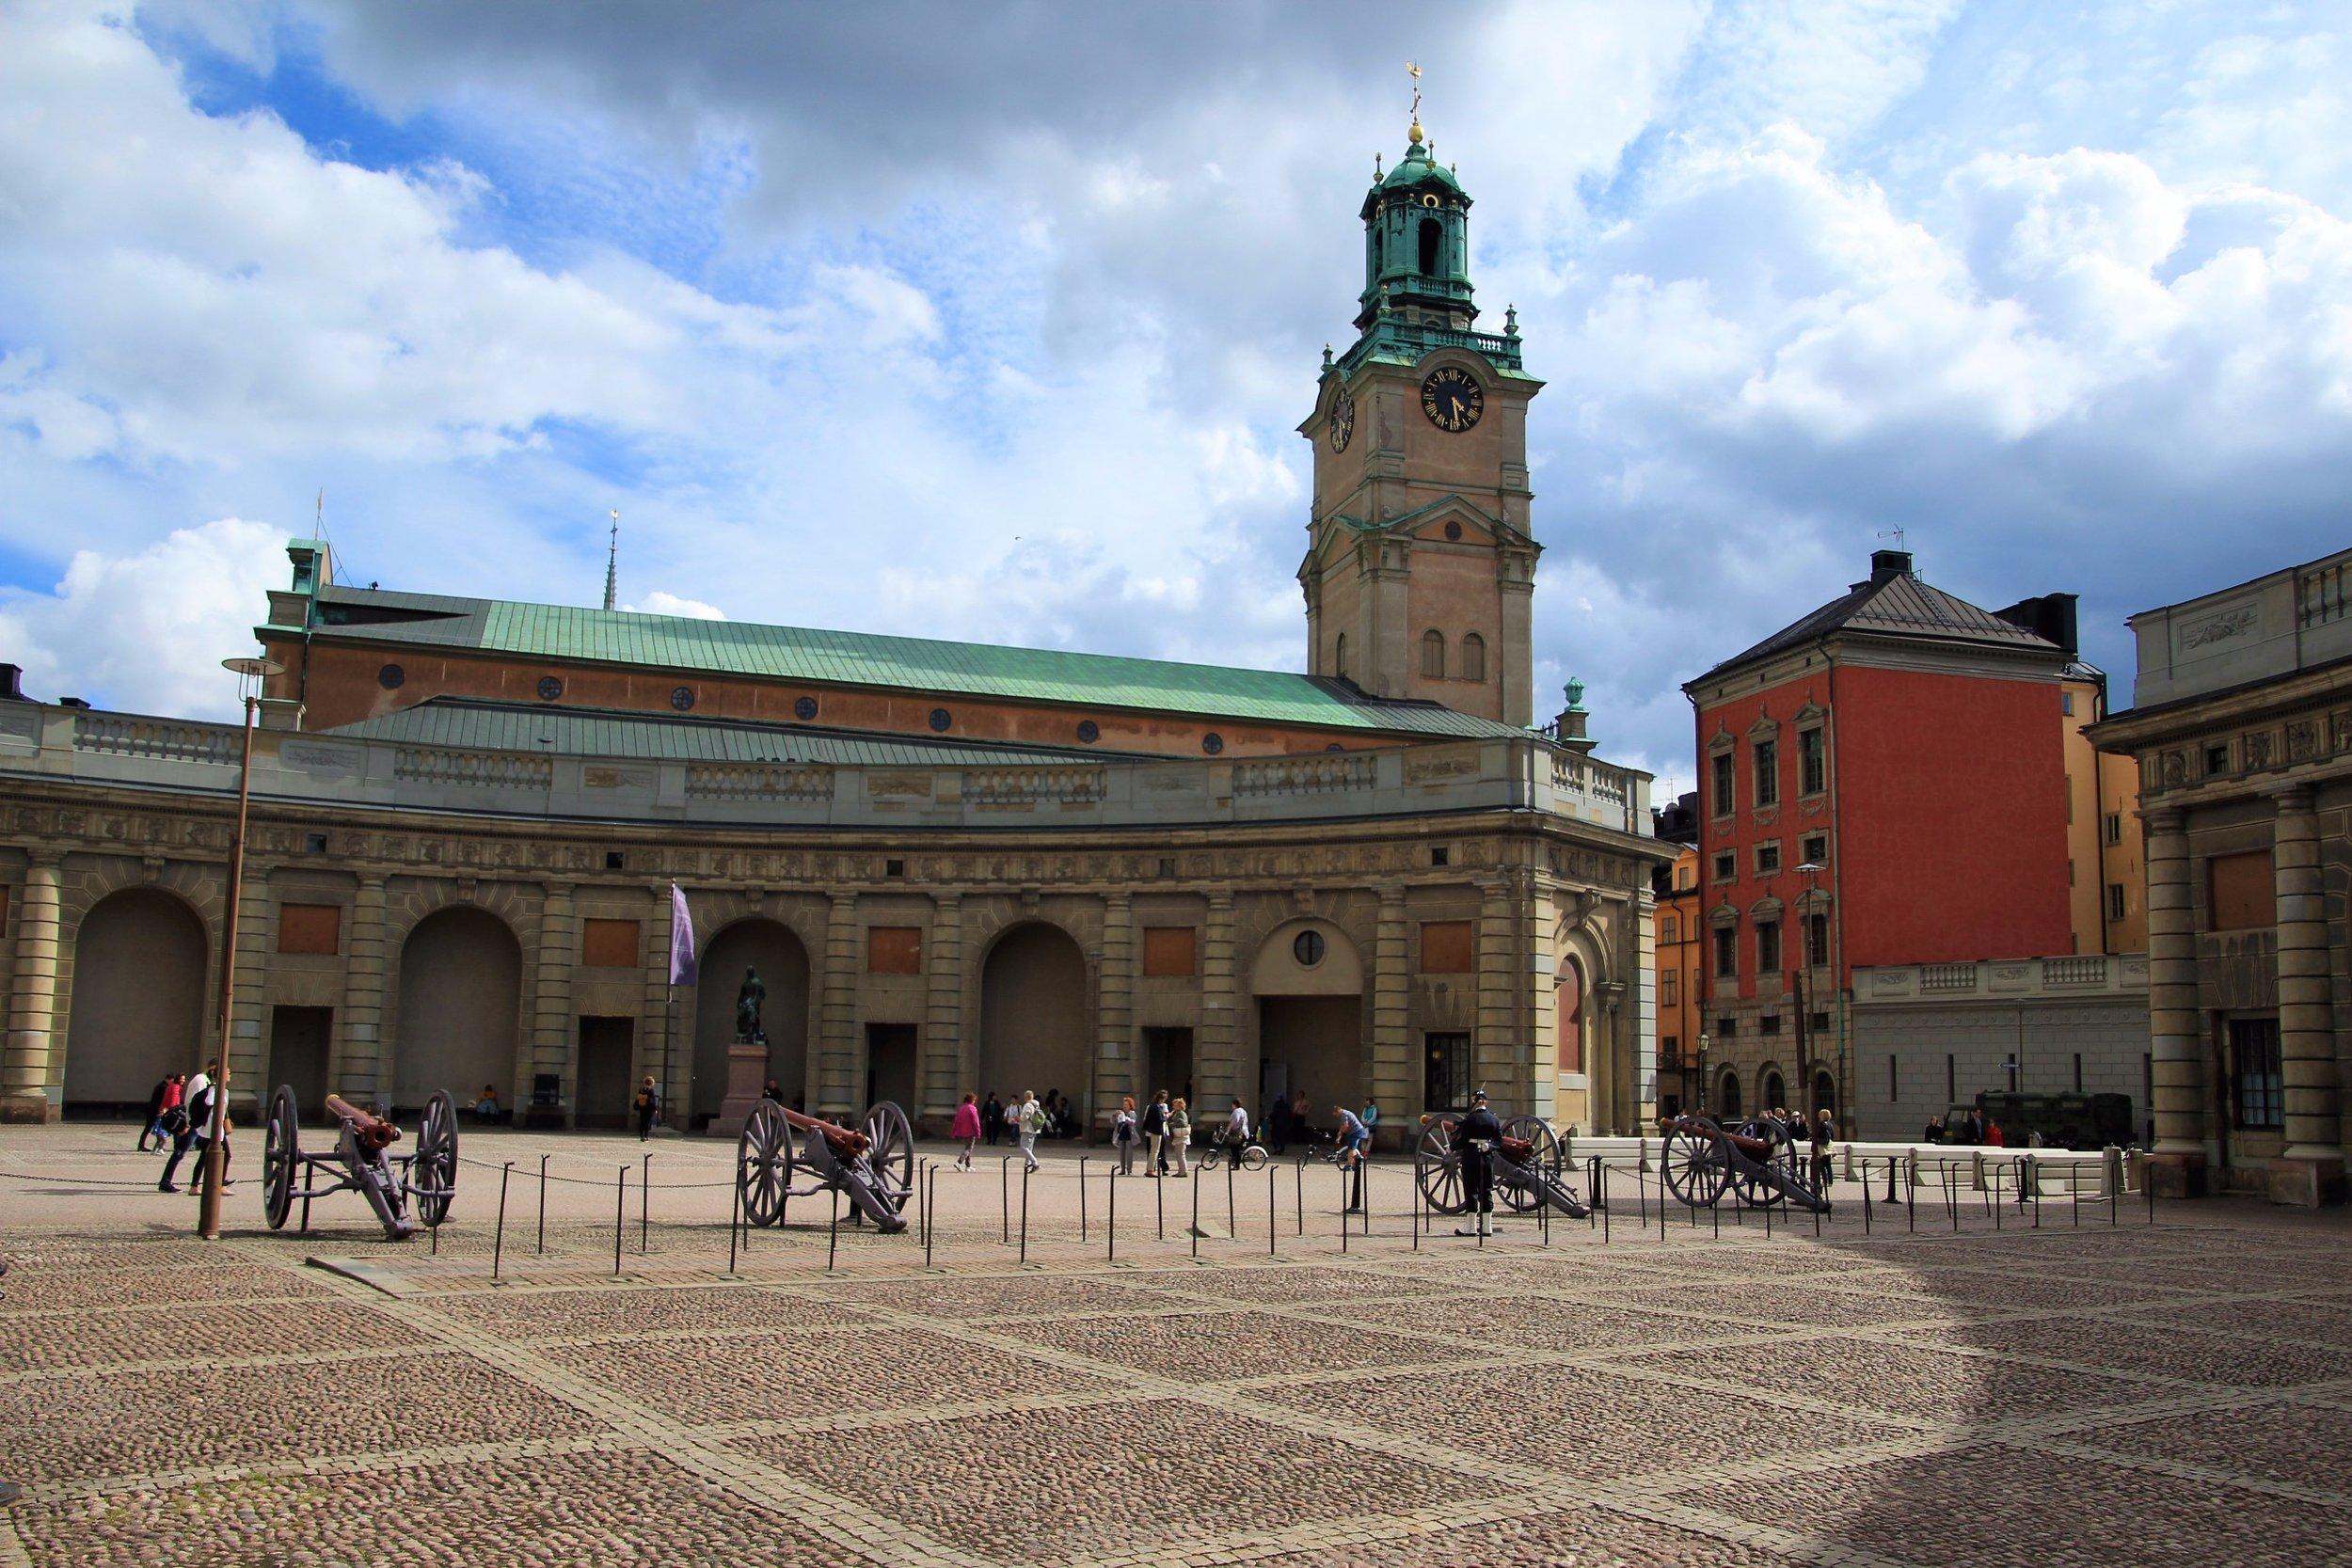 Royal Palace Parade Square